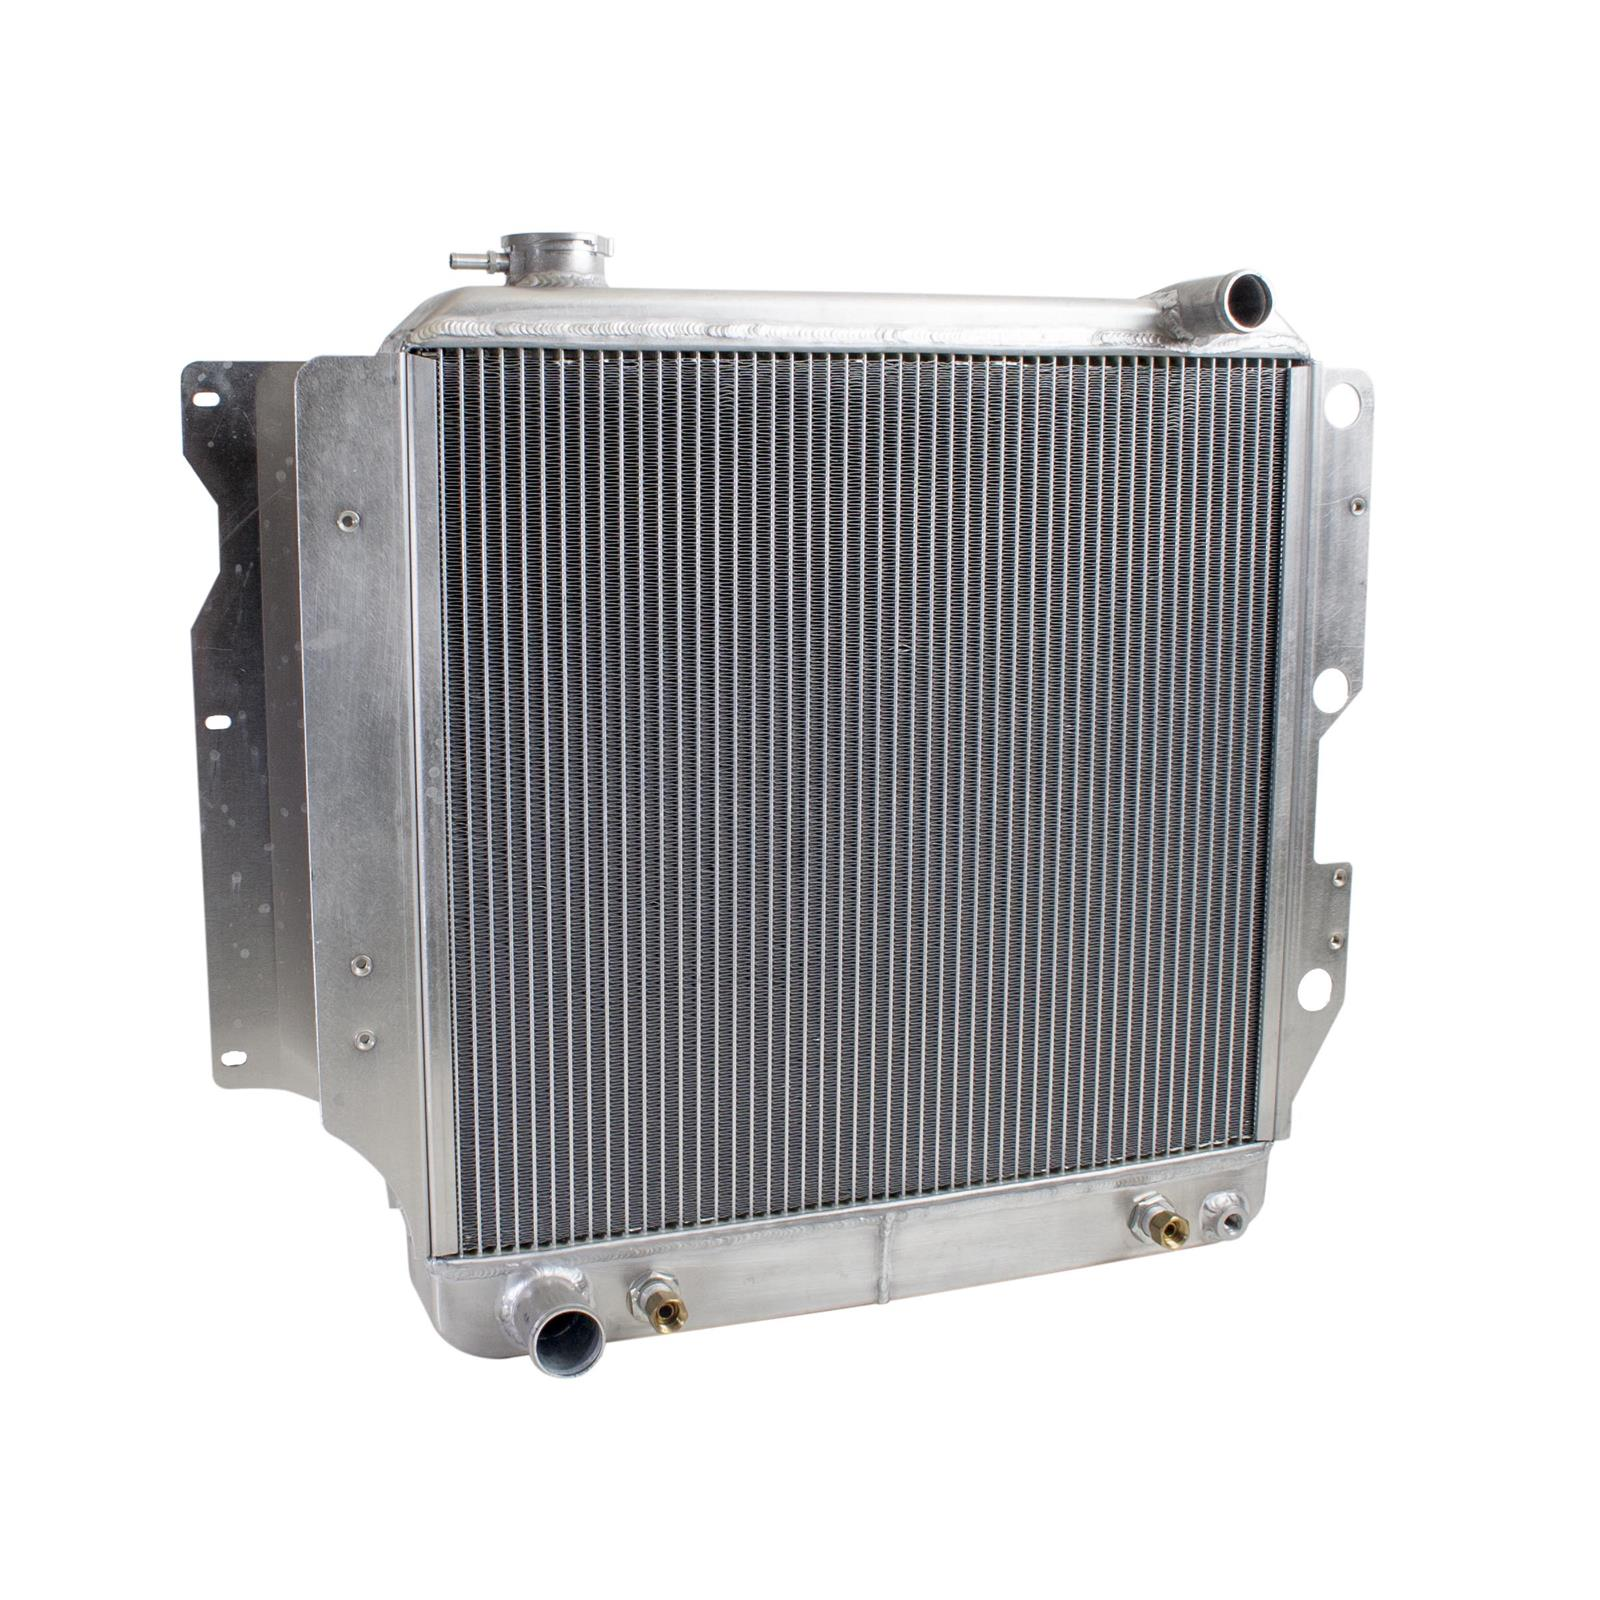 Be Cool Radiators 70032 Radiator Cap